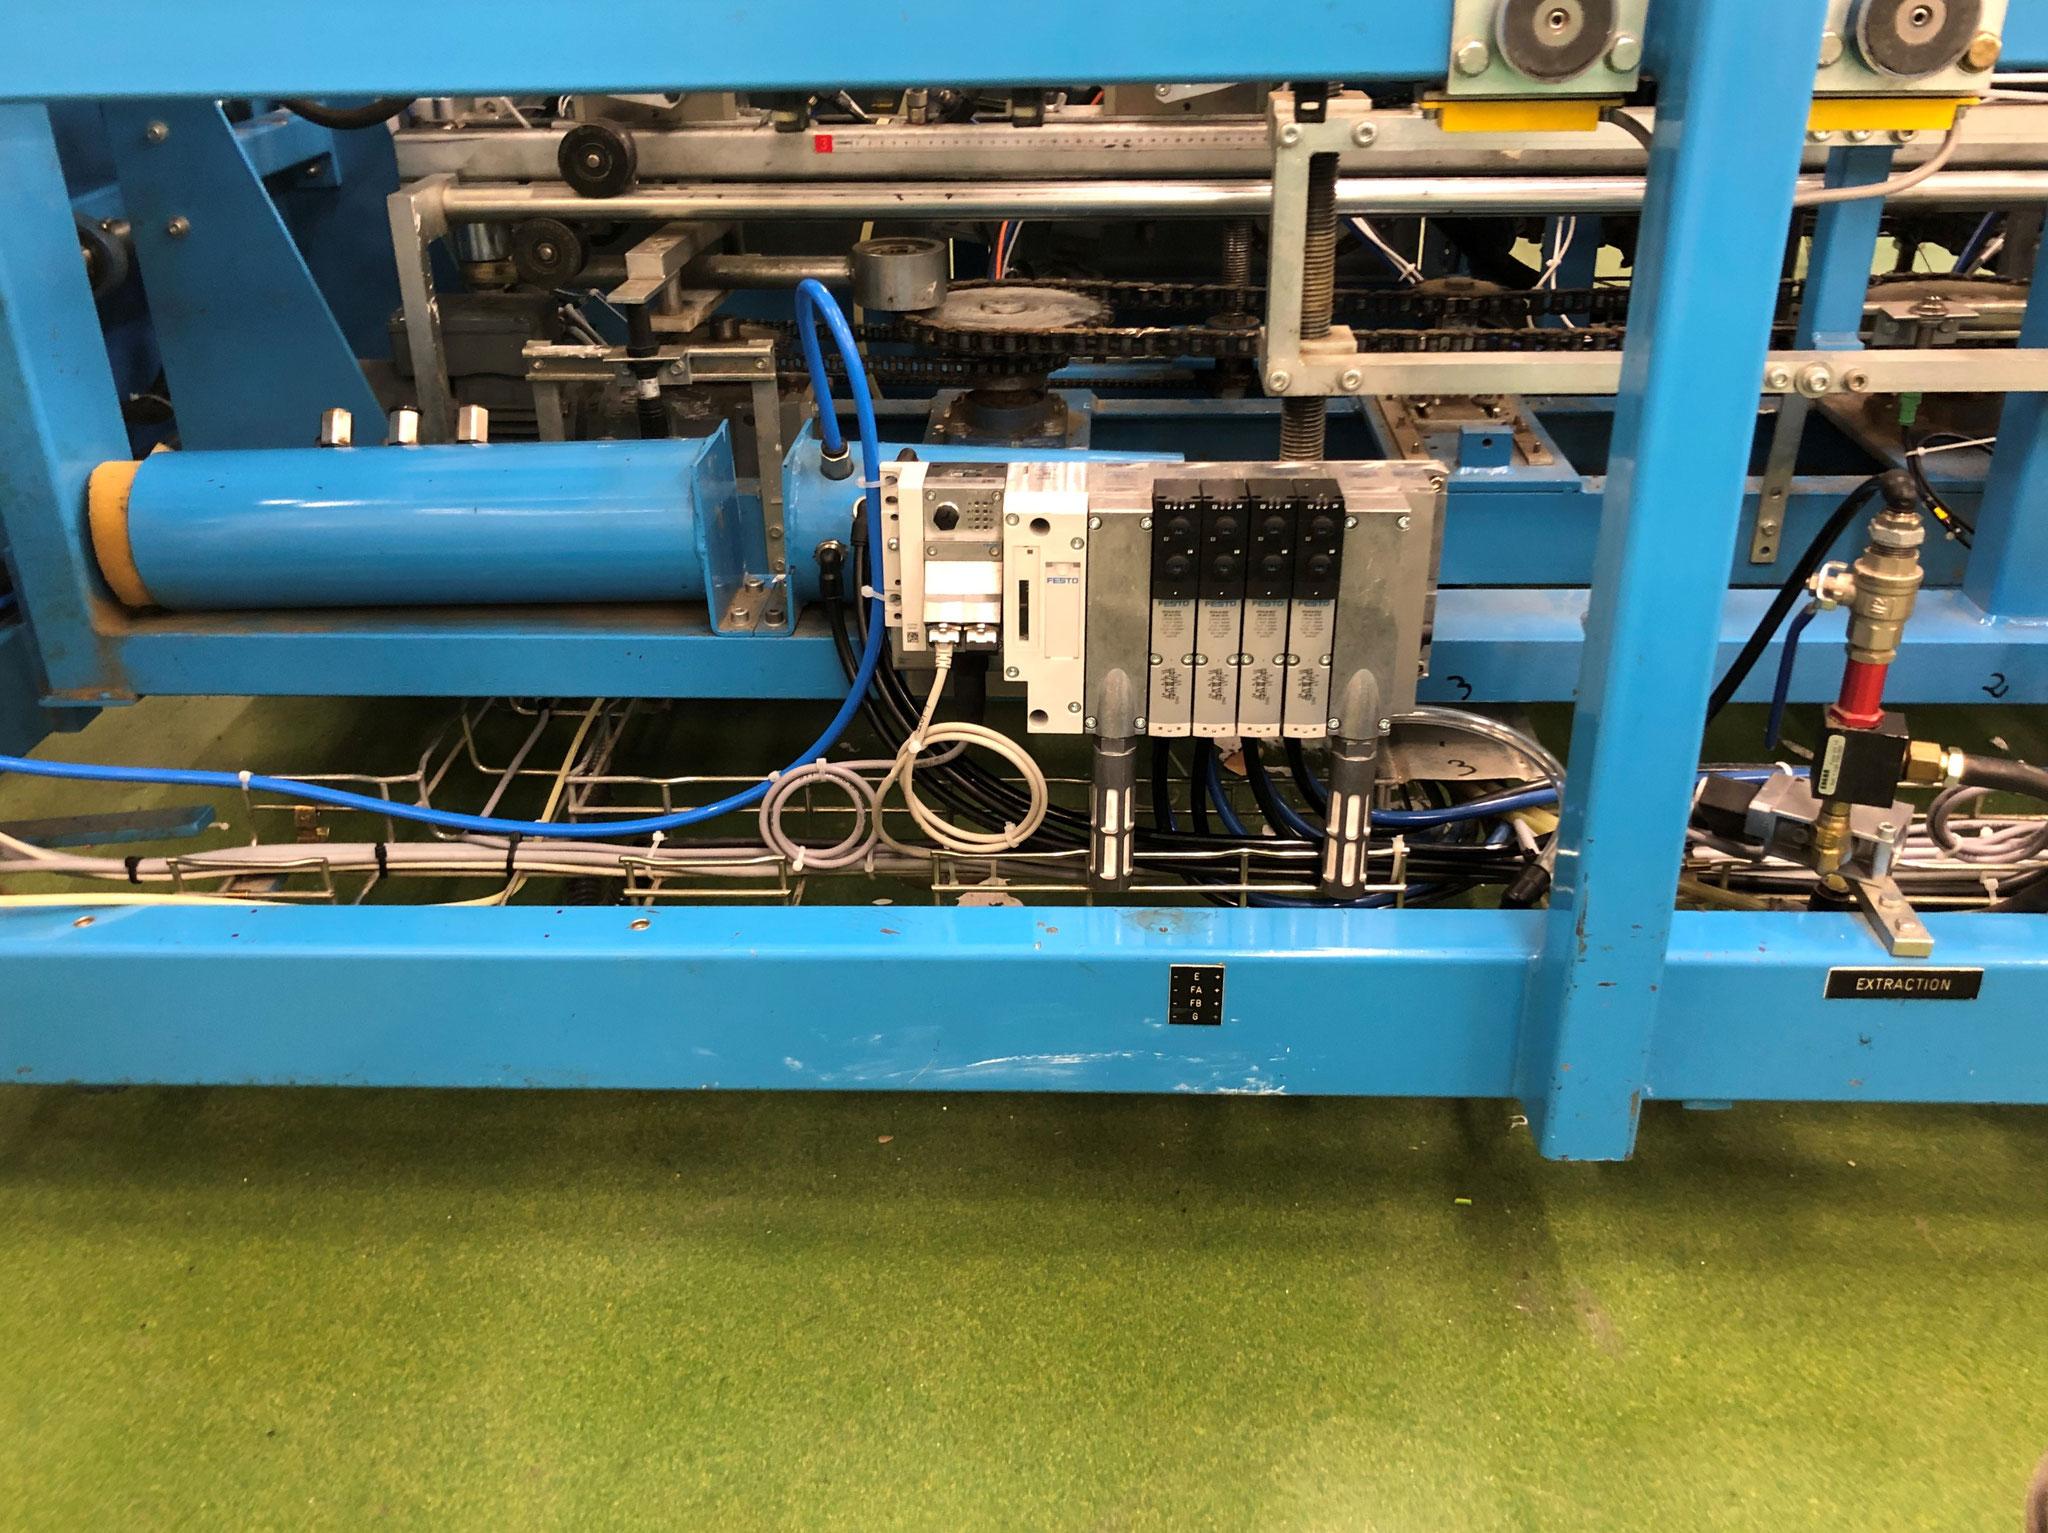 Rétrofit Electro-pneumatique, après intervention